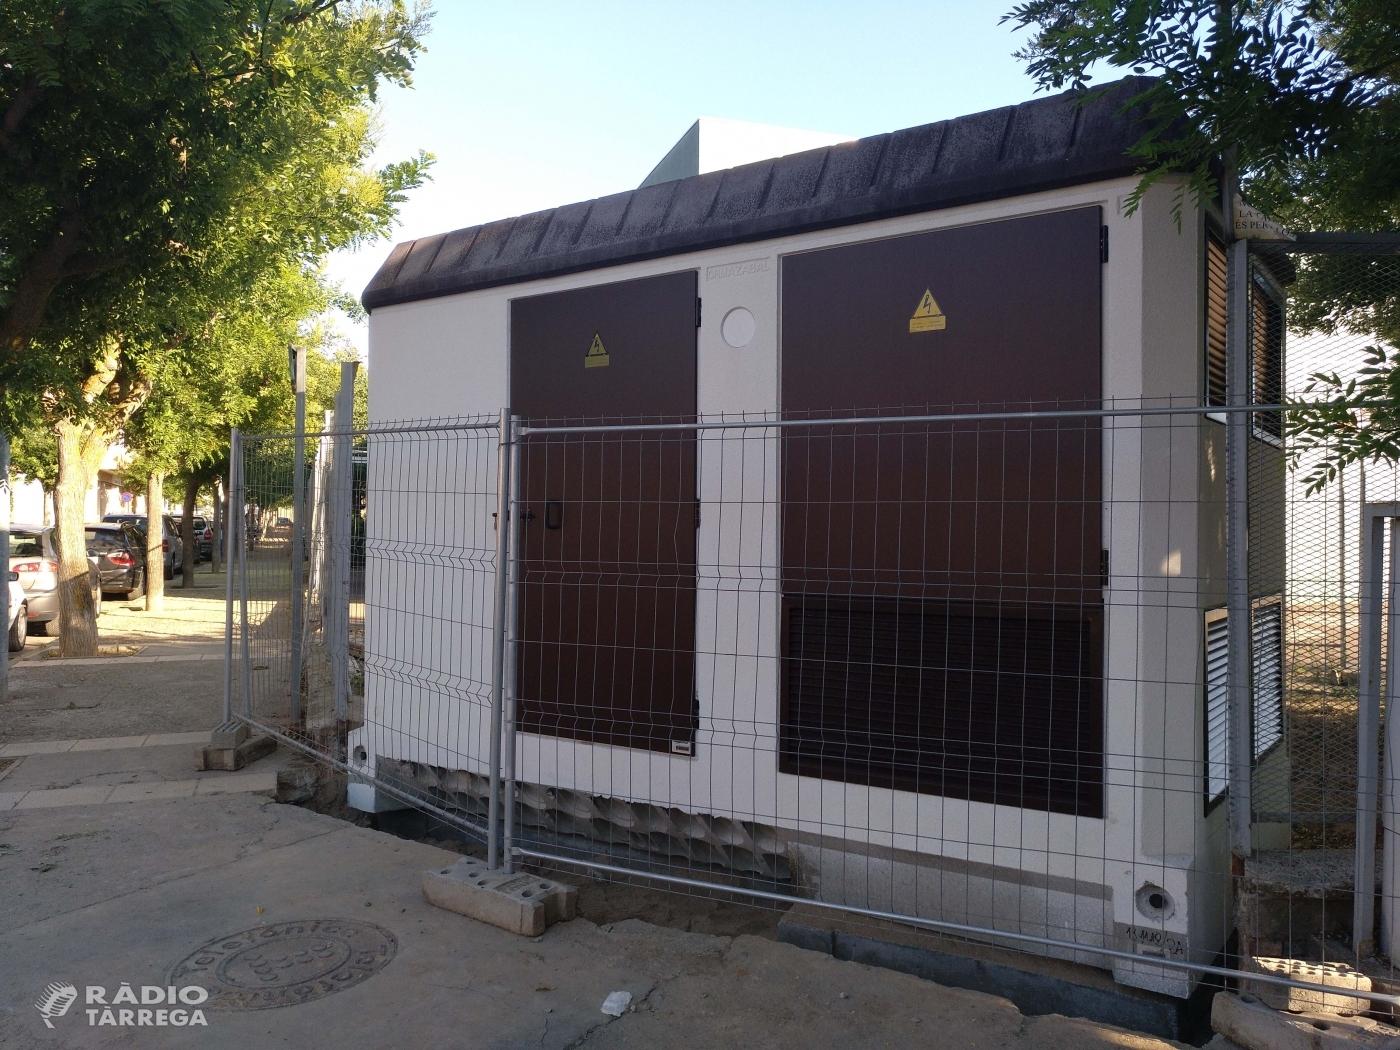 Endesa instal·la una estació transformadora per regularitzar la situació d'un bloc d'habitatges a Tàrrega